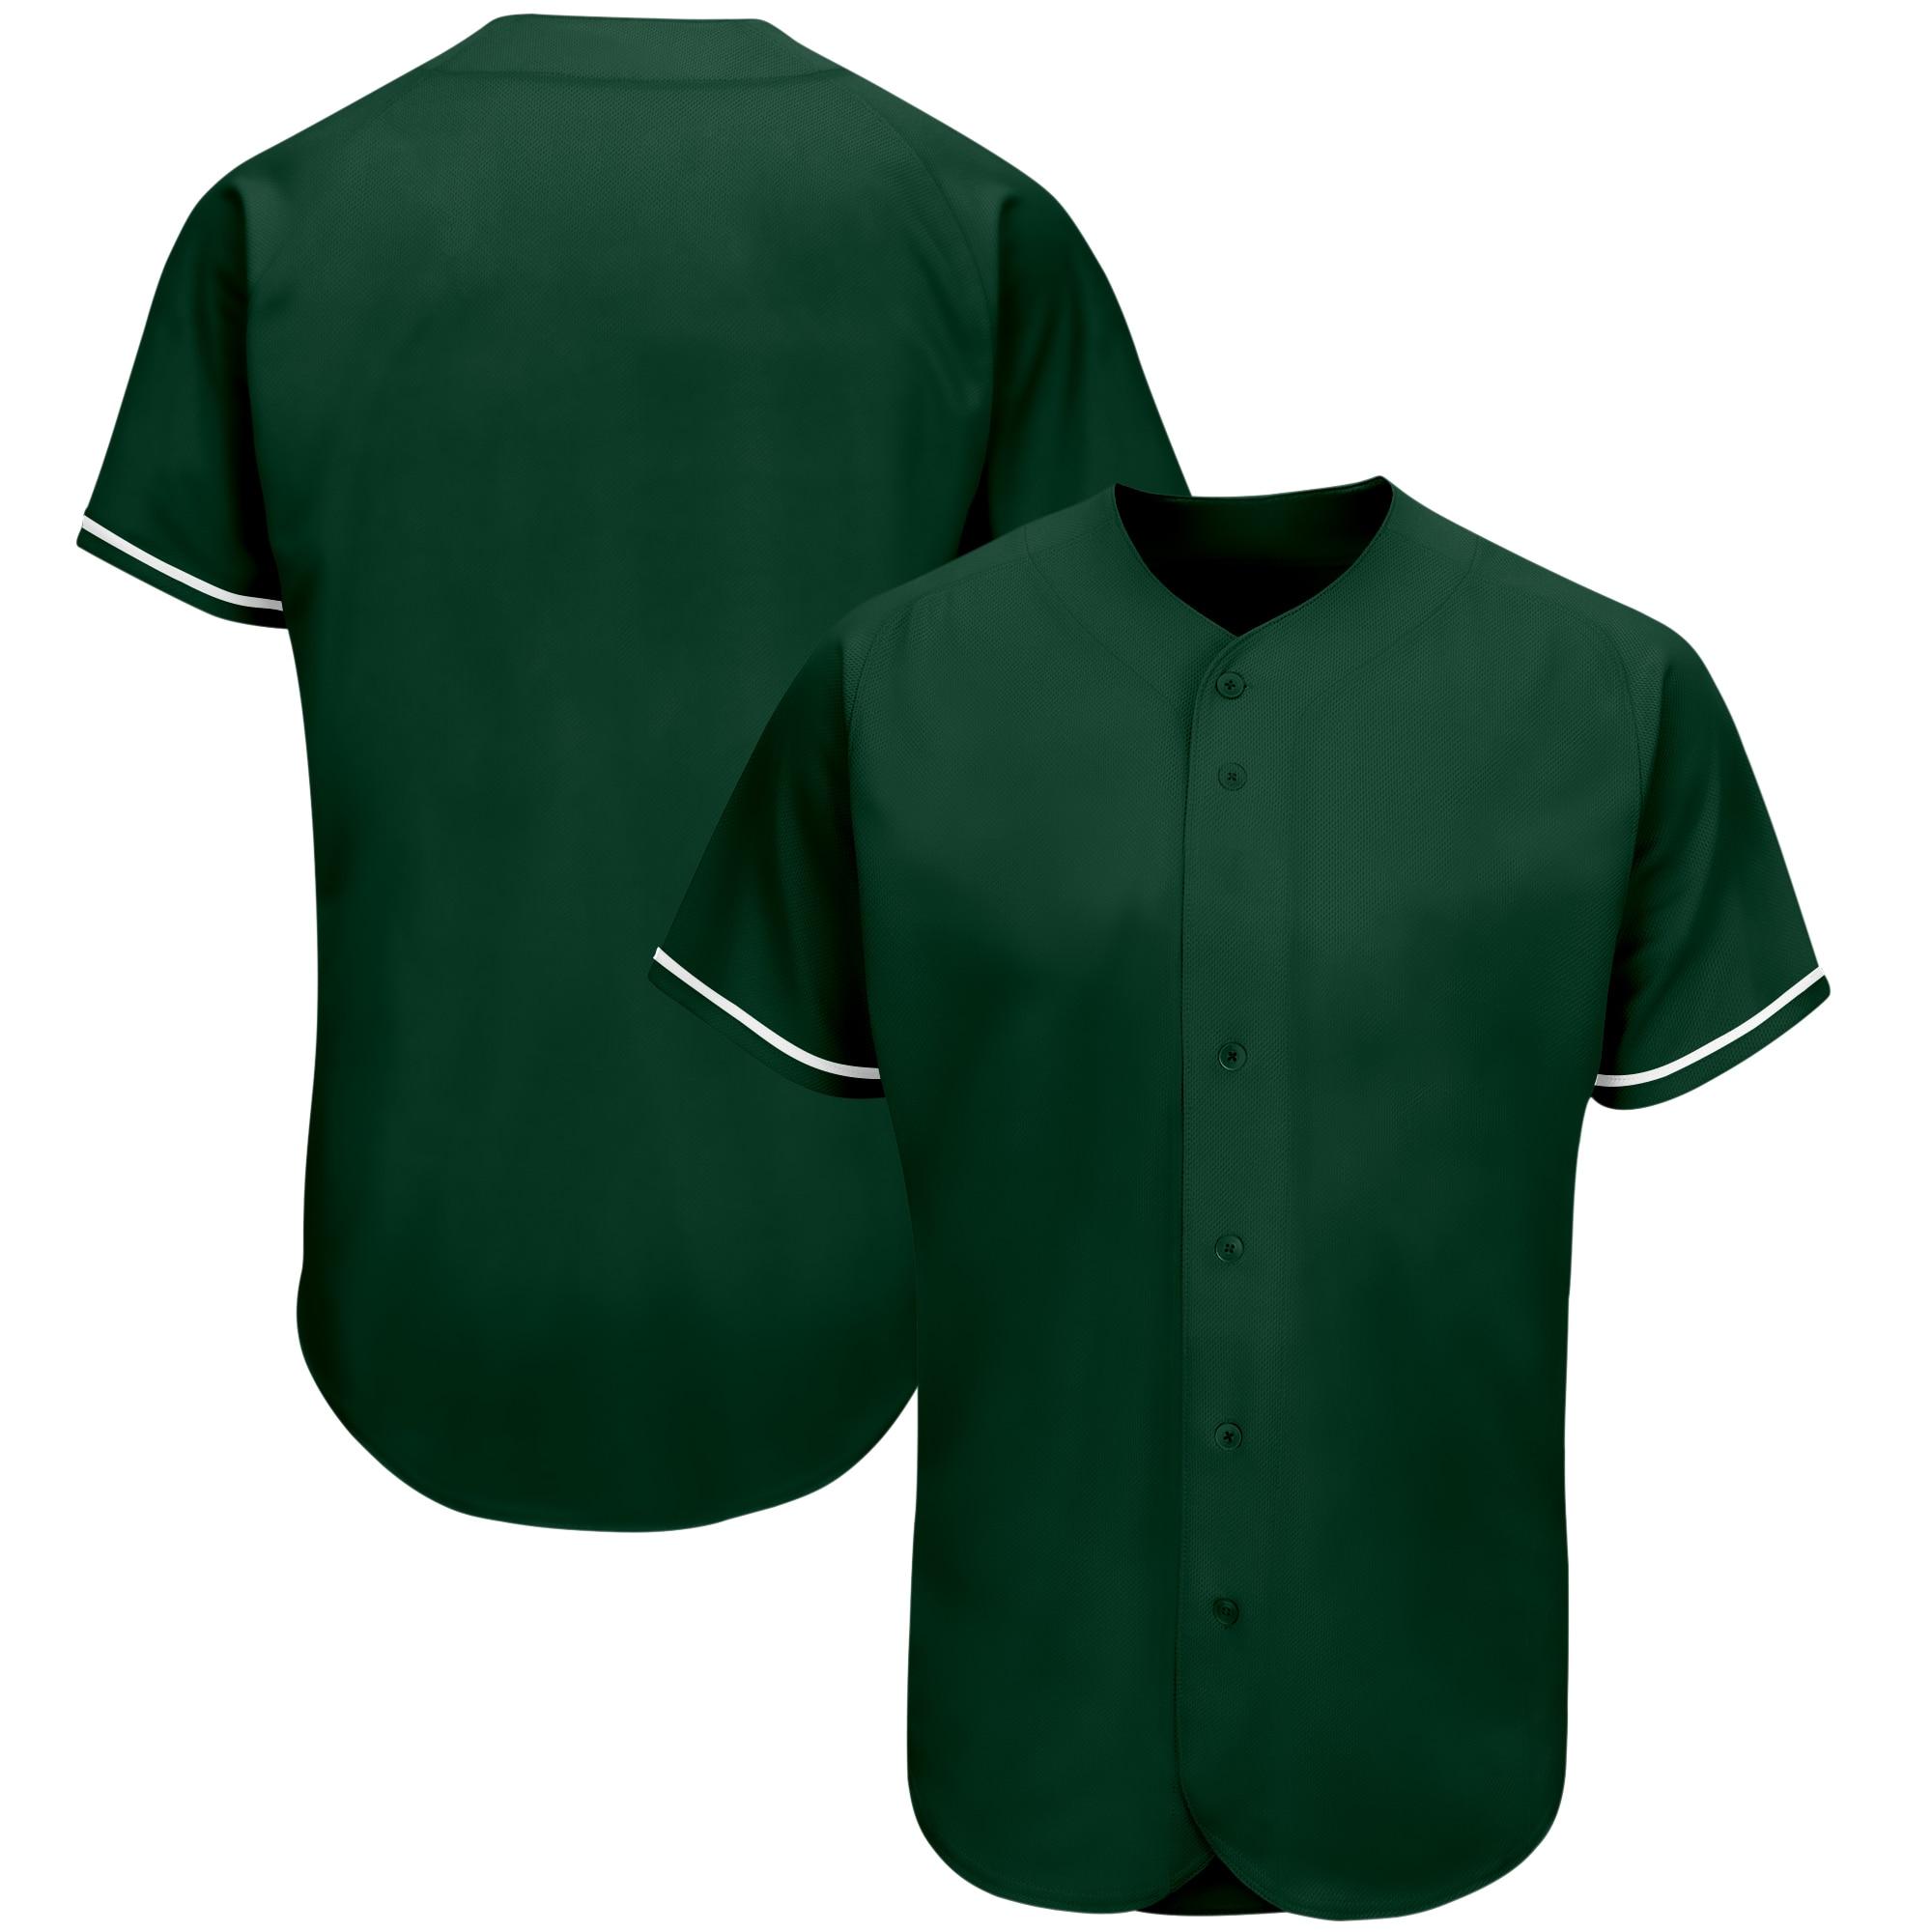 Новые дешевые мужские бейсбольные Джерси без рисунка под заказ, спортивные футболки для спортсменов, униформа для чирлидинга